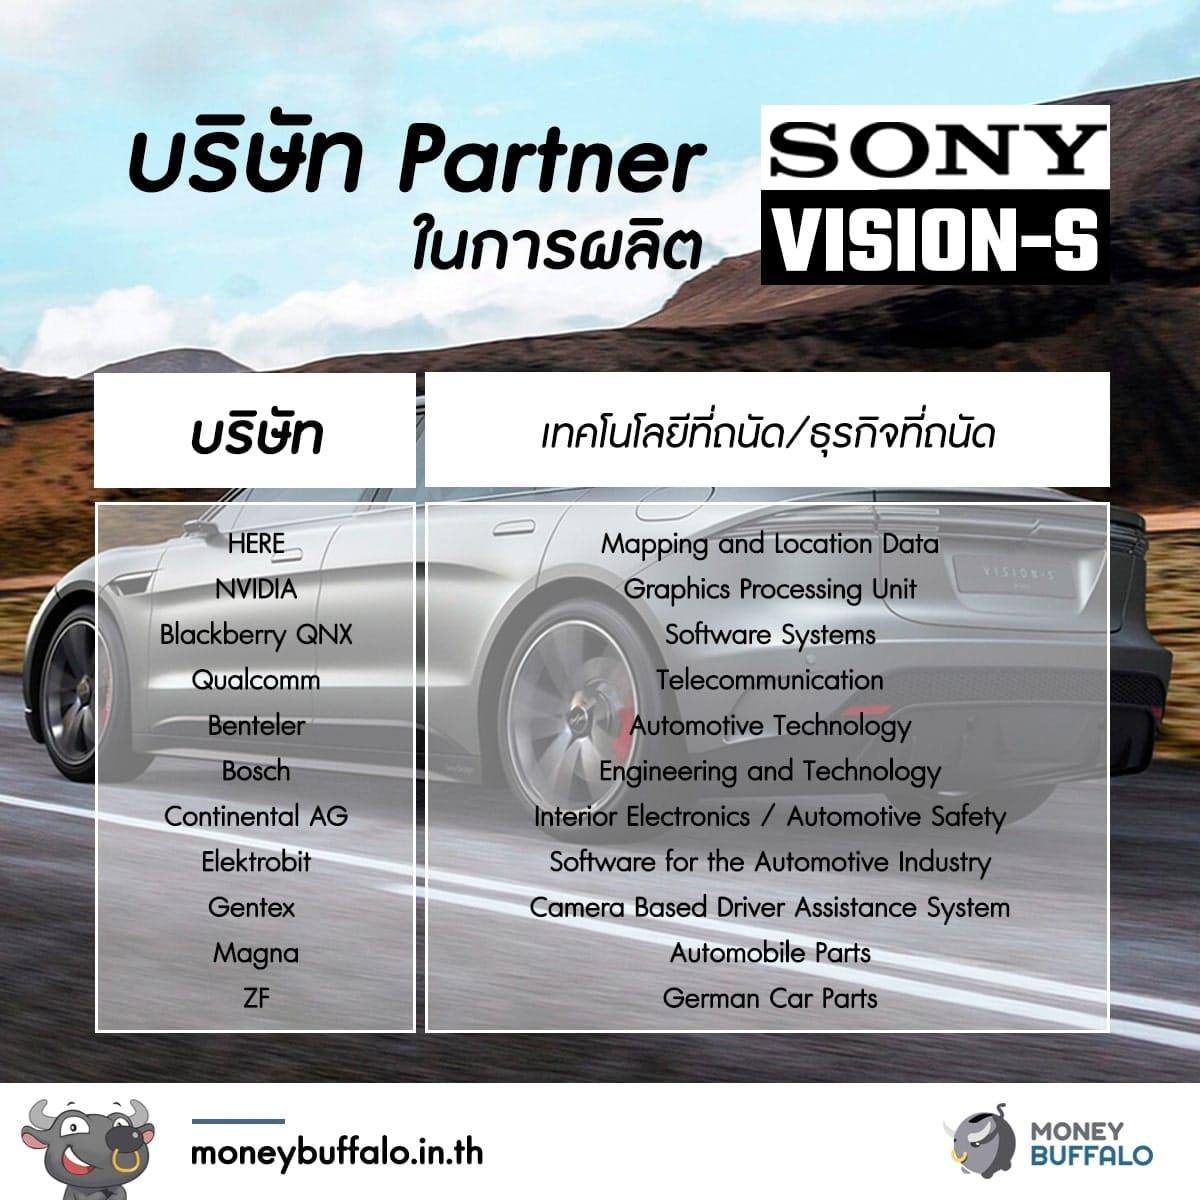 """""""Sony"""" เตรียมก้าวสู่ธุรกิจรถยนต์ไฟฟ้า"""